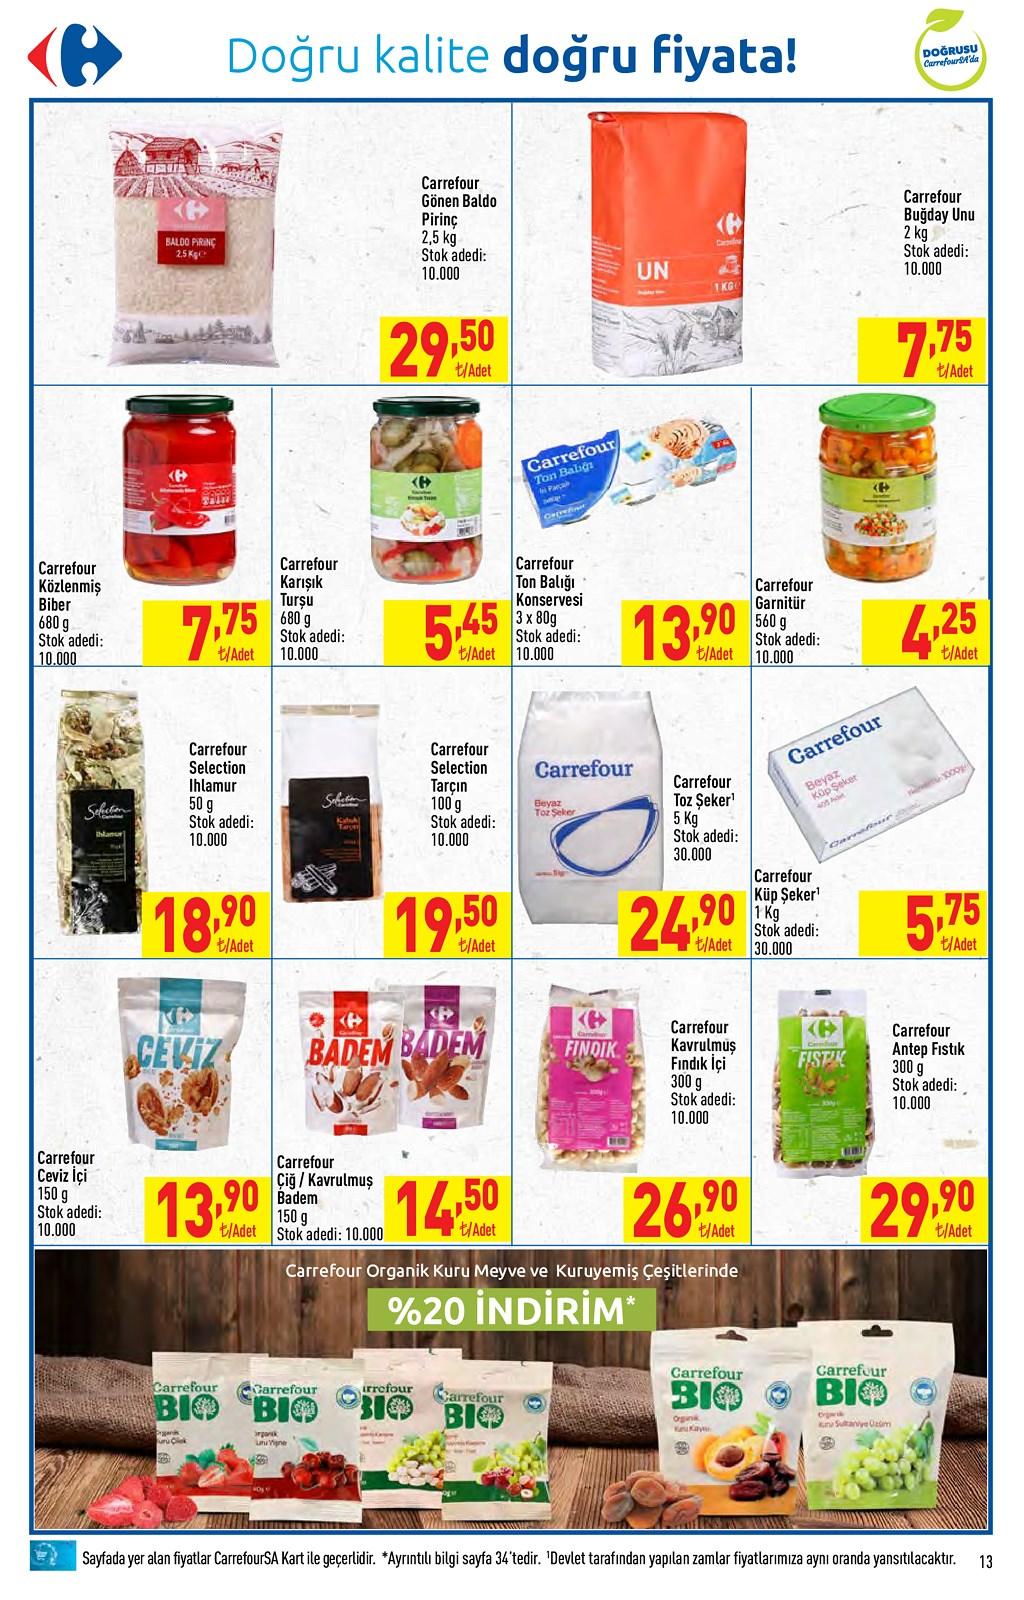 01.06.2021 CarrefourSA broşürü 13. sayfa